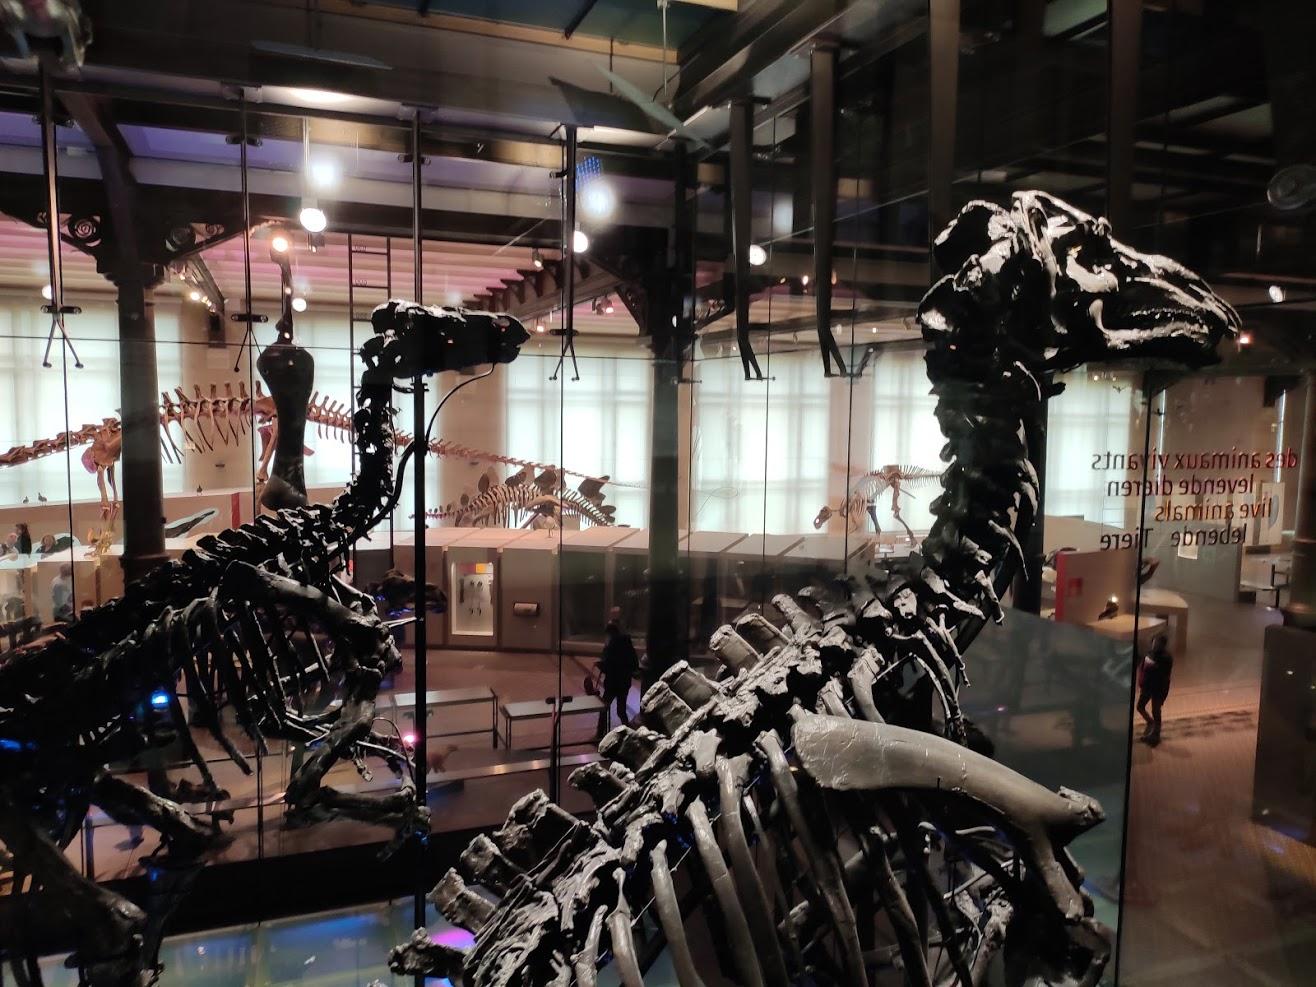 Εκδρομή! Η περιπέτειά μας στο μουσείο Φυσικής Ιστορίας!